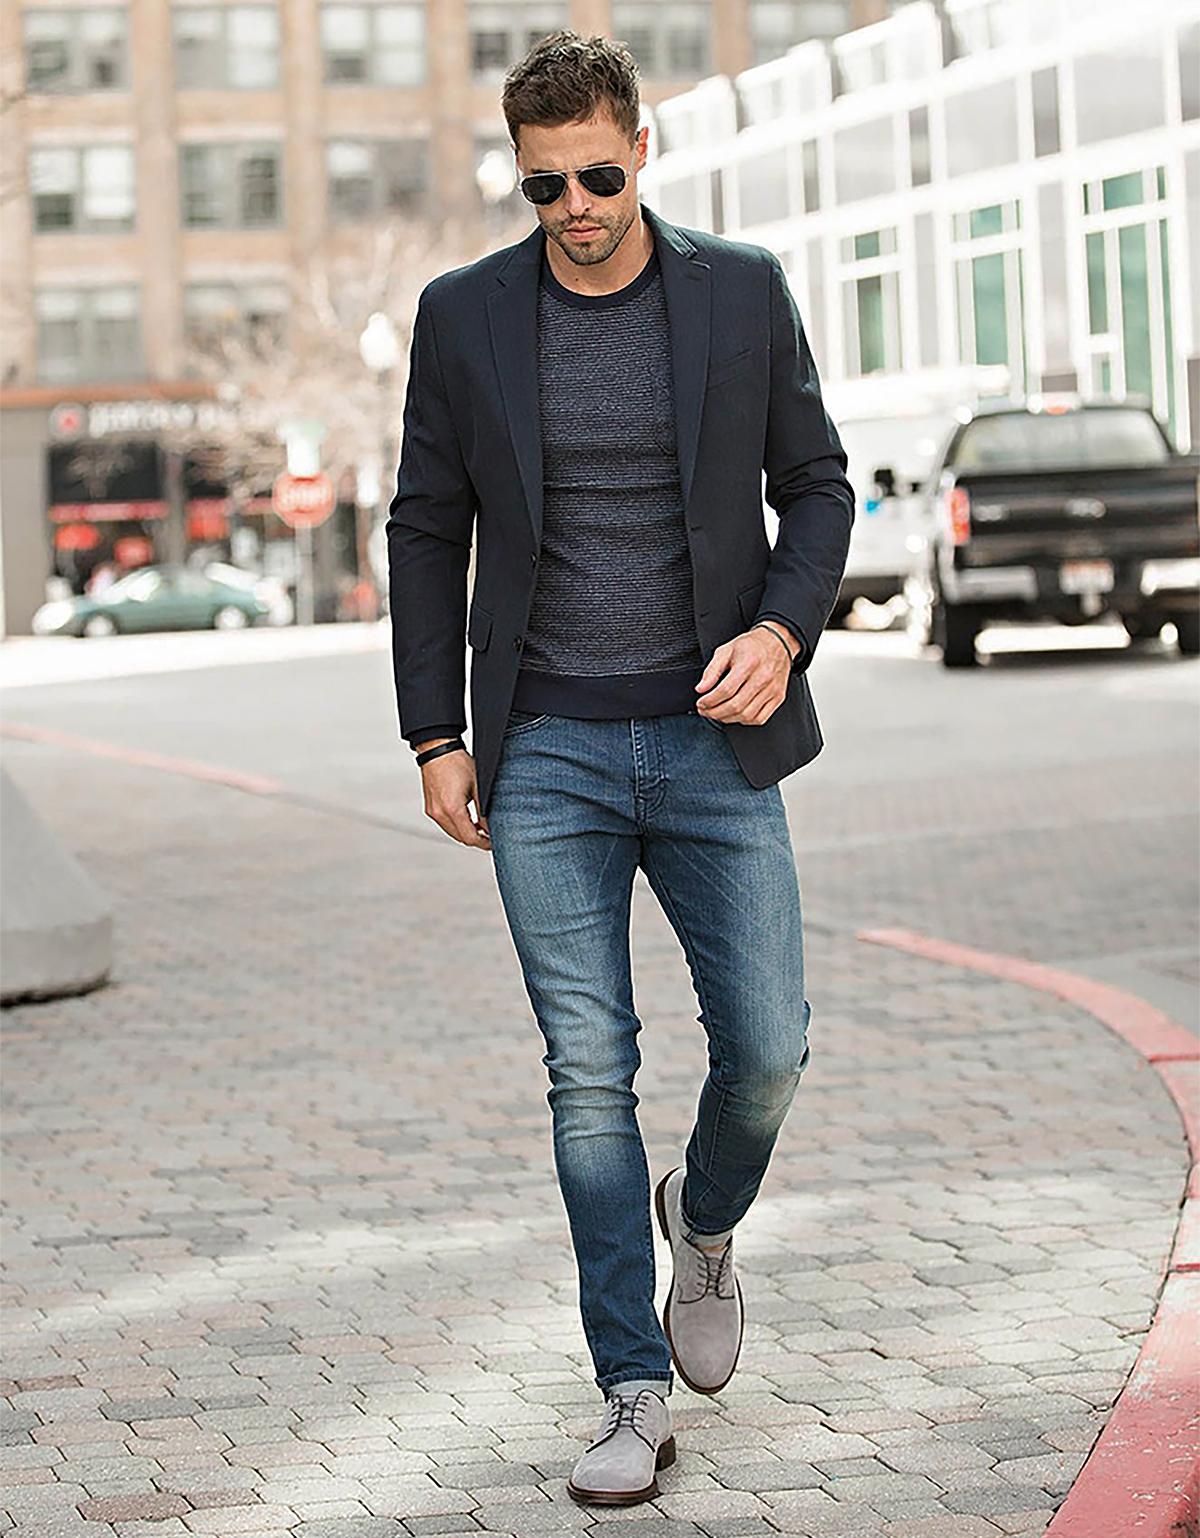 Men's smart casual dress code example